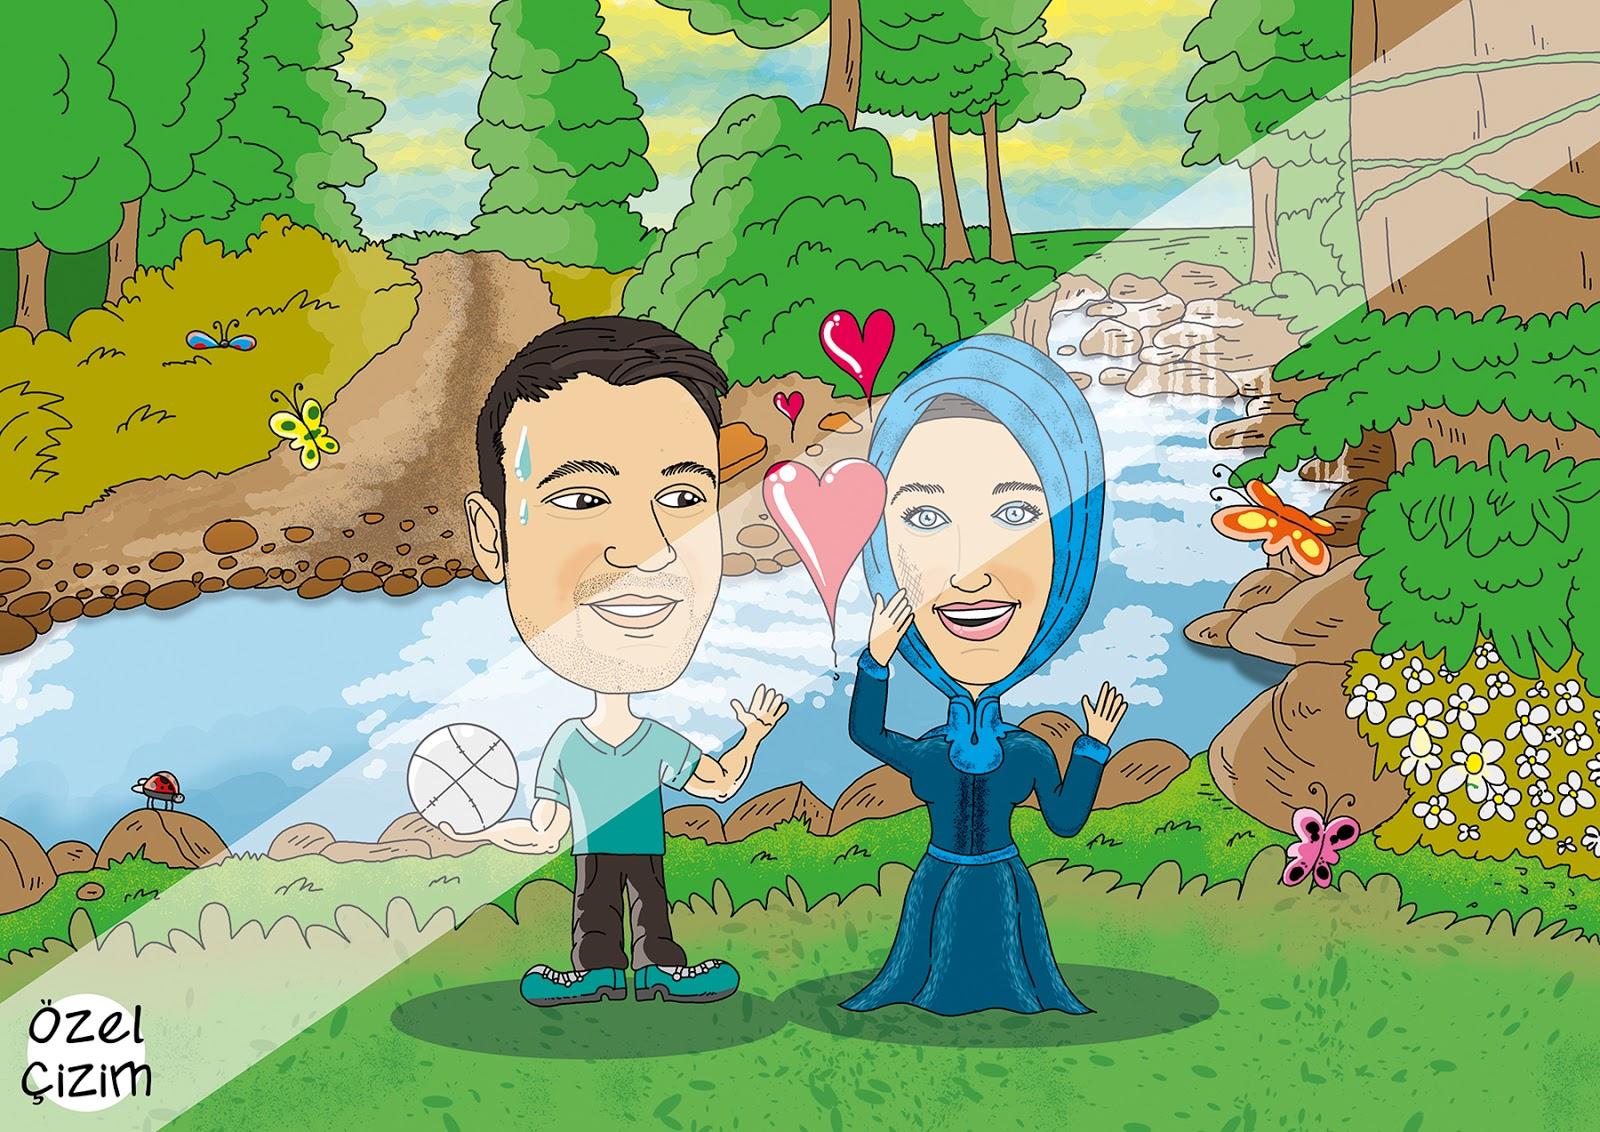 Tanışma Hikayesi Hediye Karikatürü, tanışma hikayesi, eşinizle nasıl tanıştınız, aşk hikayesi, hediye karikatür, eşinize komik hediye, komik hediye, karikatür, eğlenceli hediye,